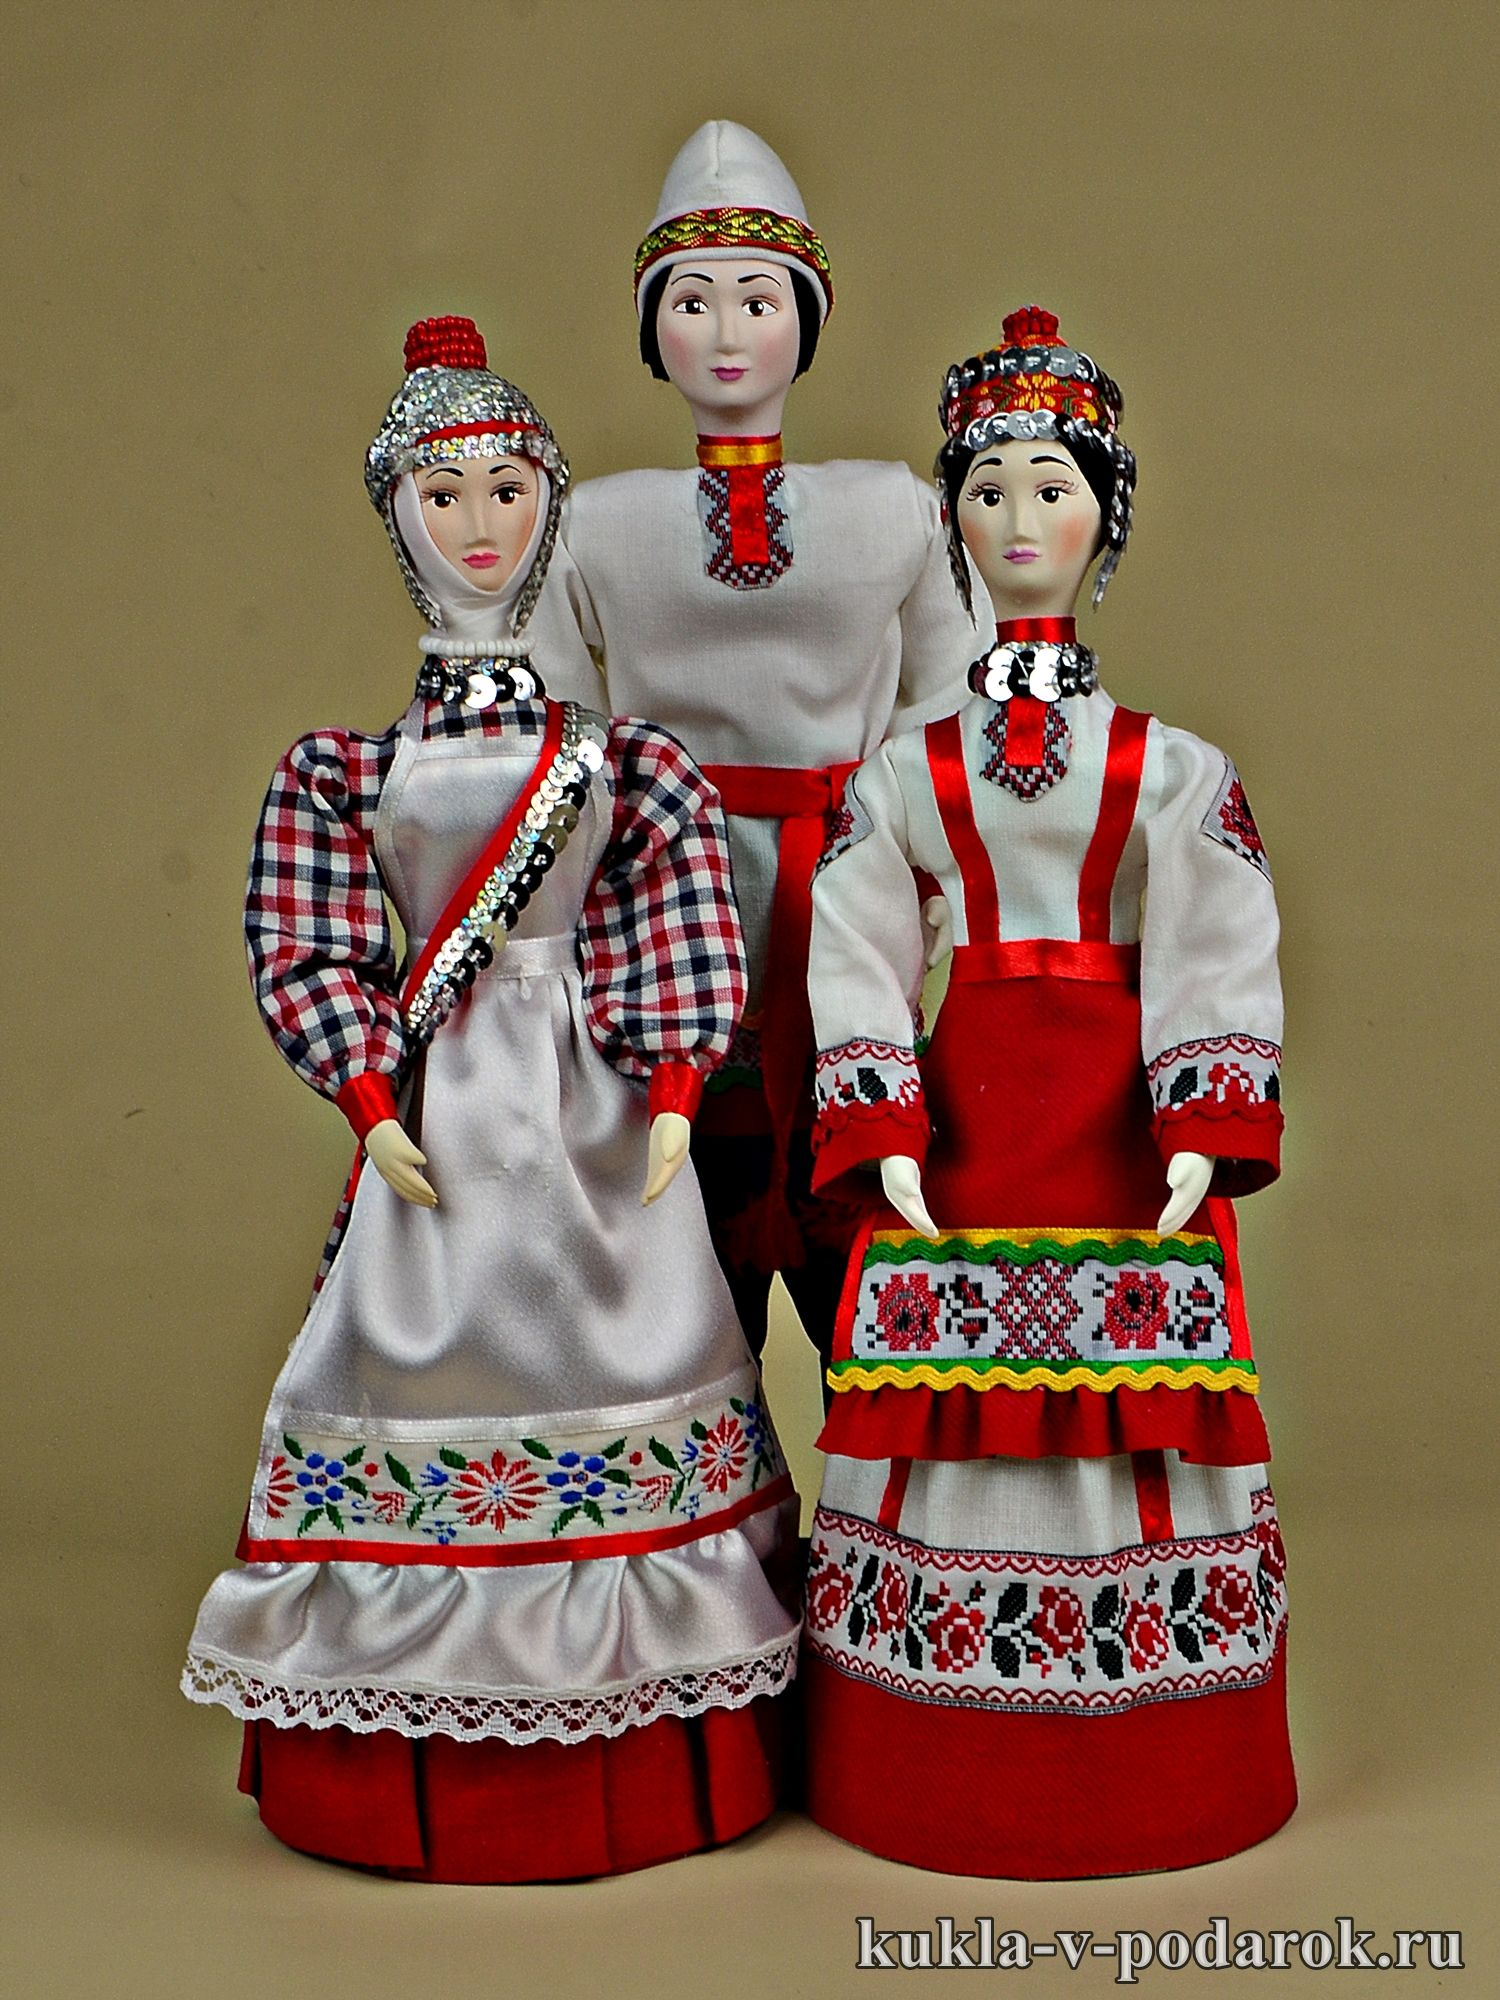 Чувашские куклы в национальном костюме. Ручная работа ...